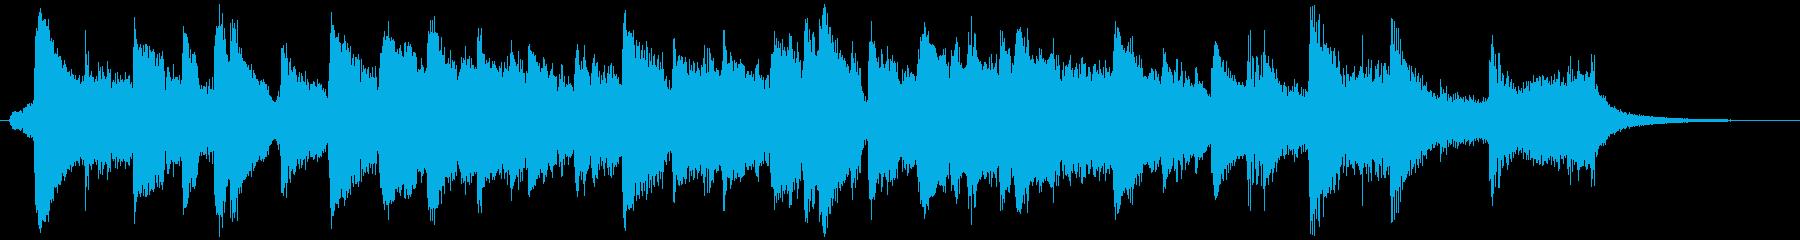 ビッグバンドジャズのスローなBGM1の再生済みの波形